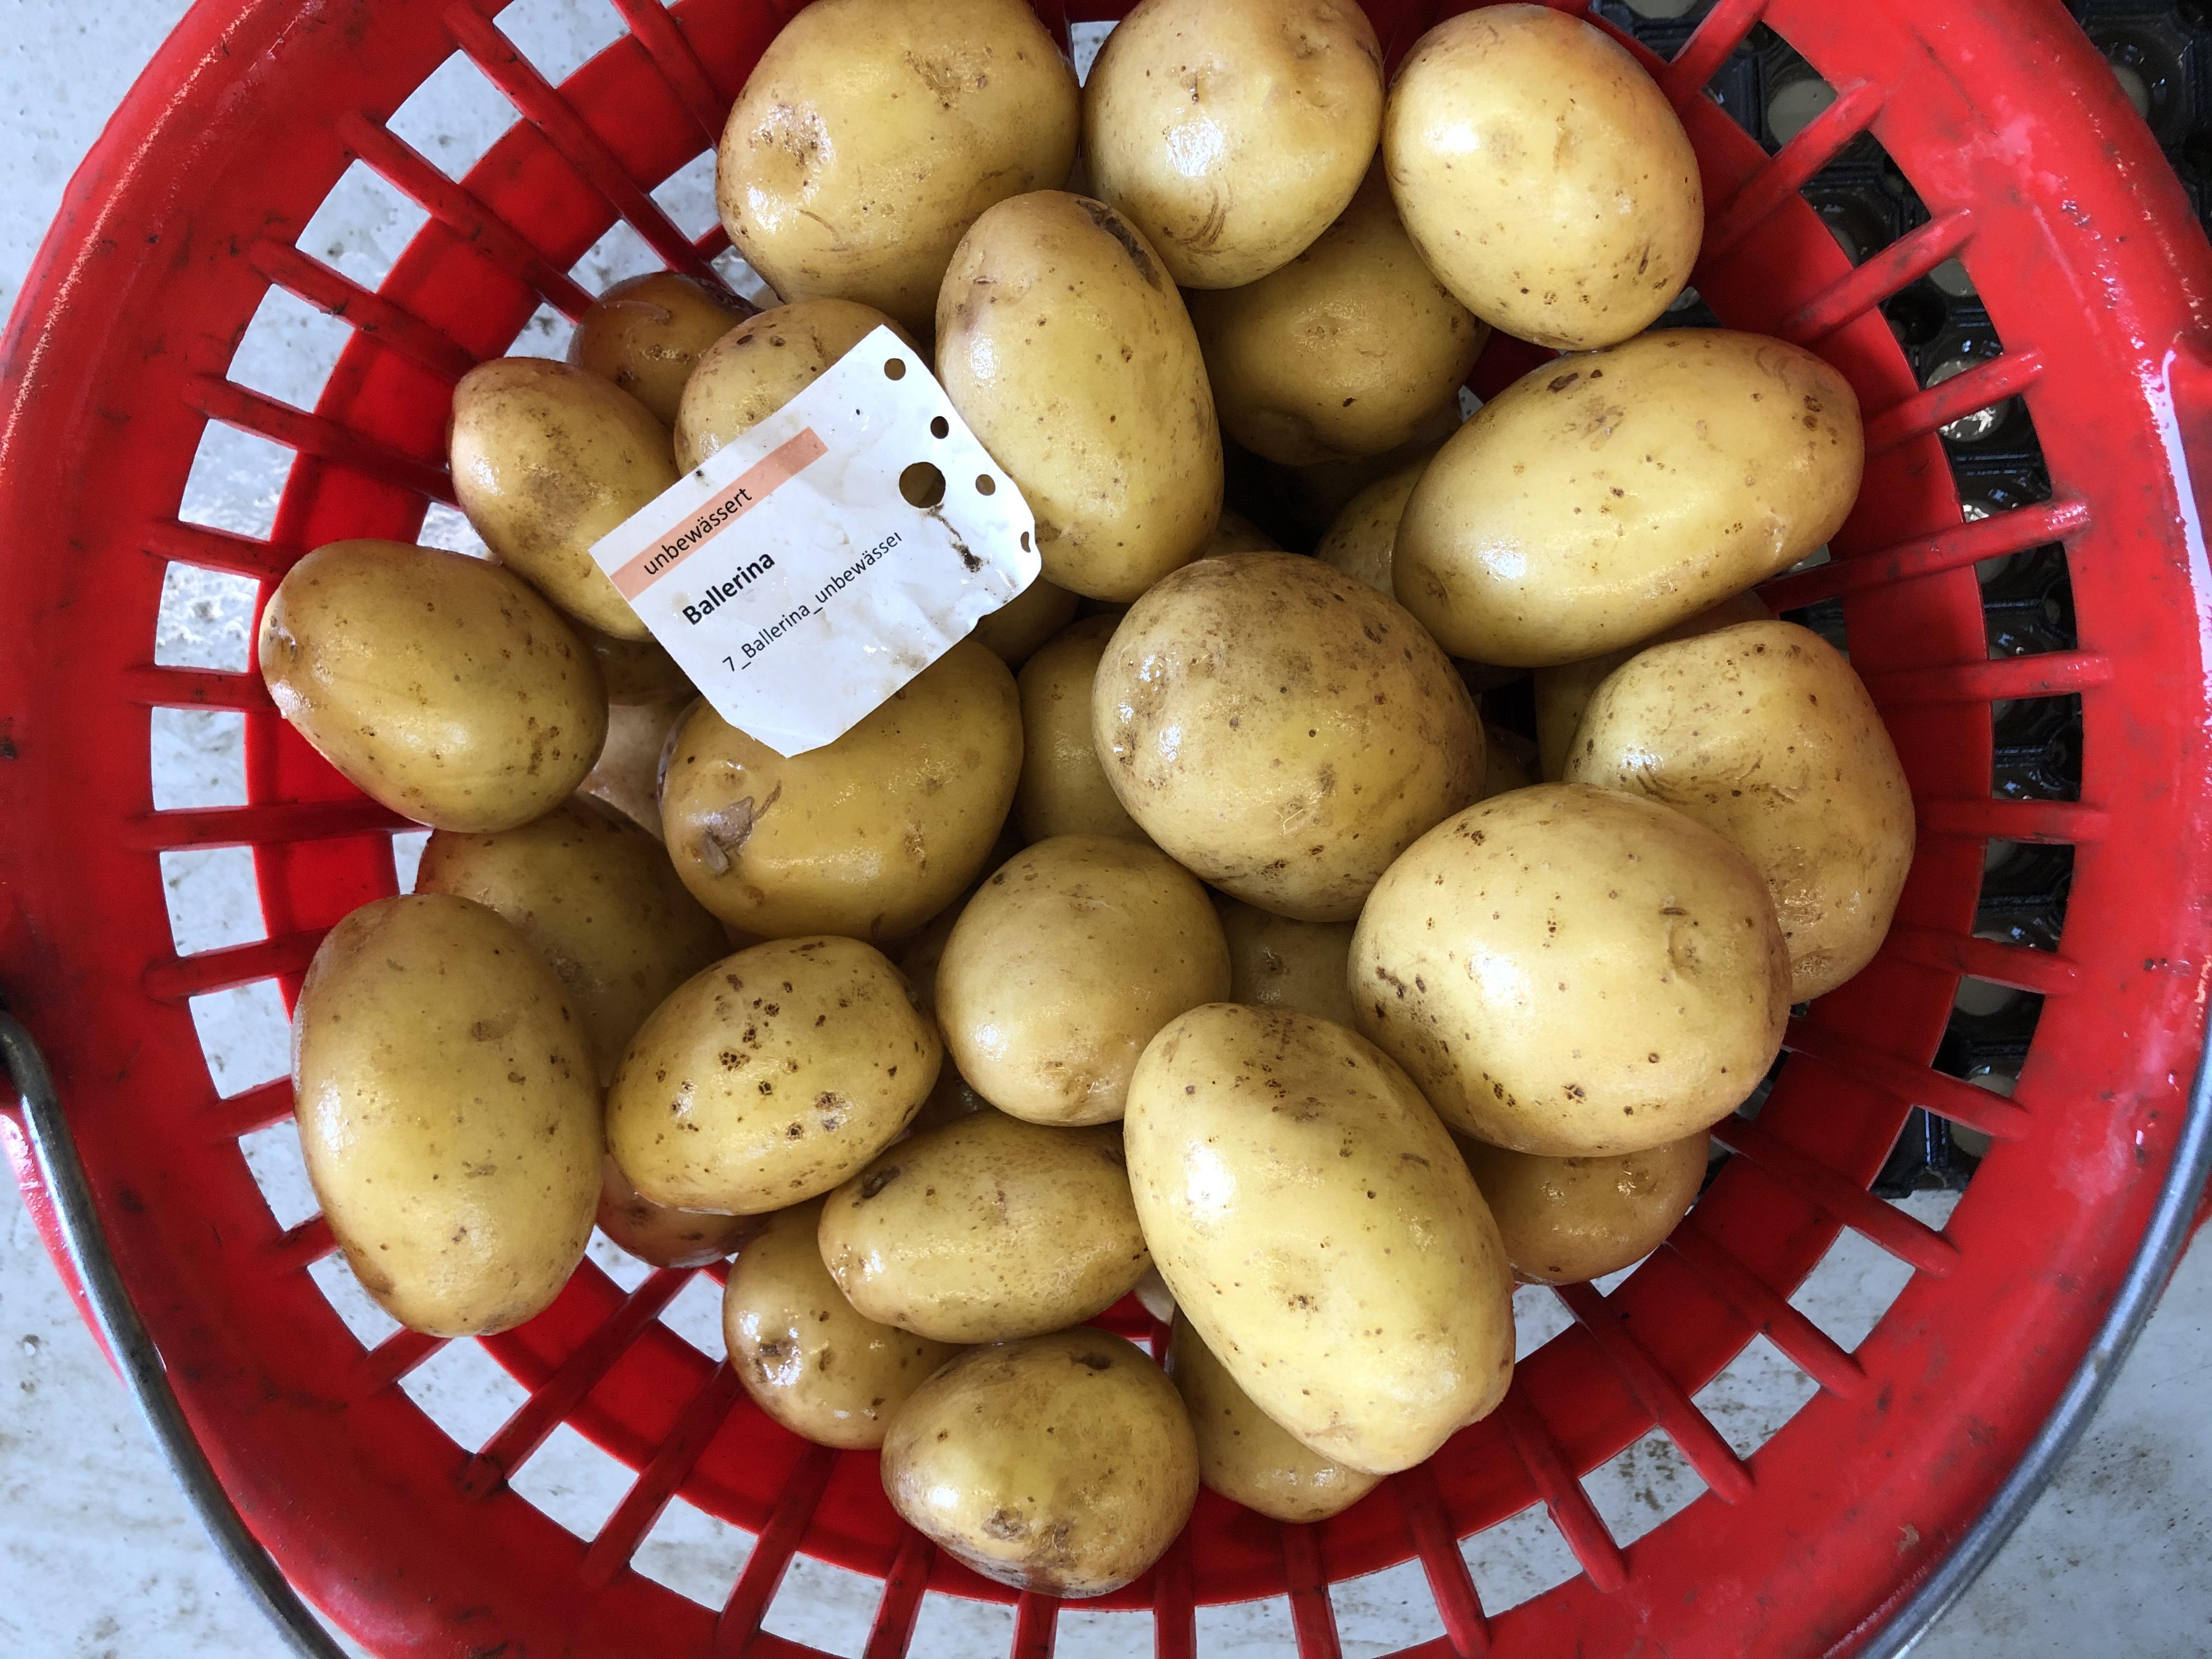 Waschprobe Sorte Ballerina Kartoffel Sortenversuch 2020 Humlikon